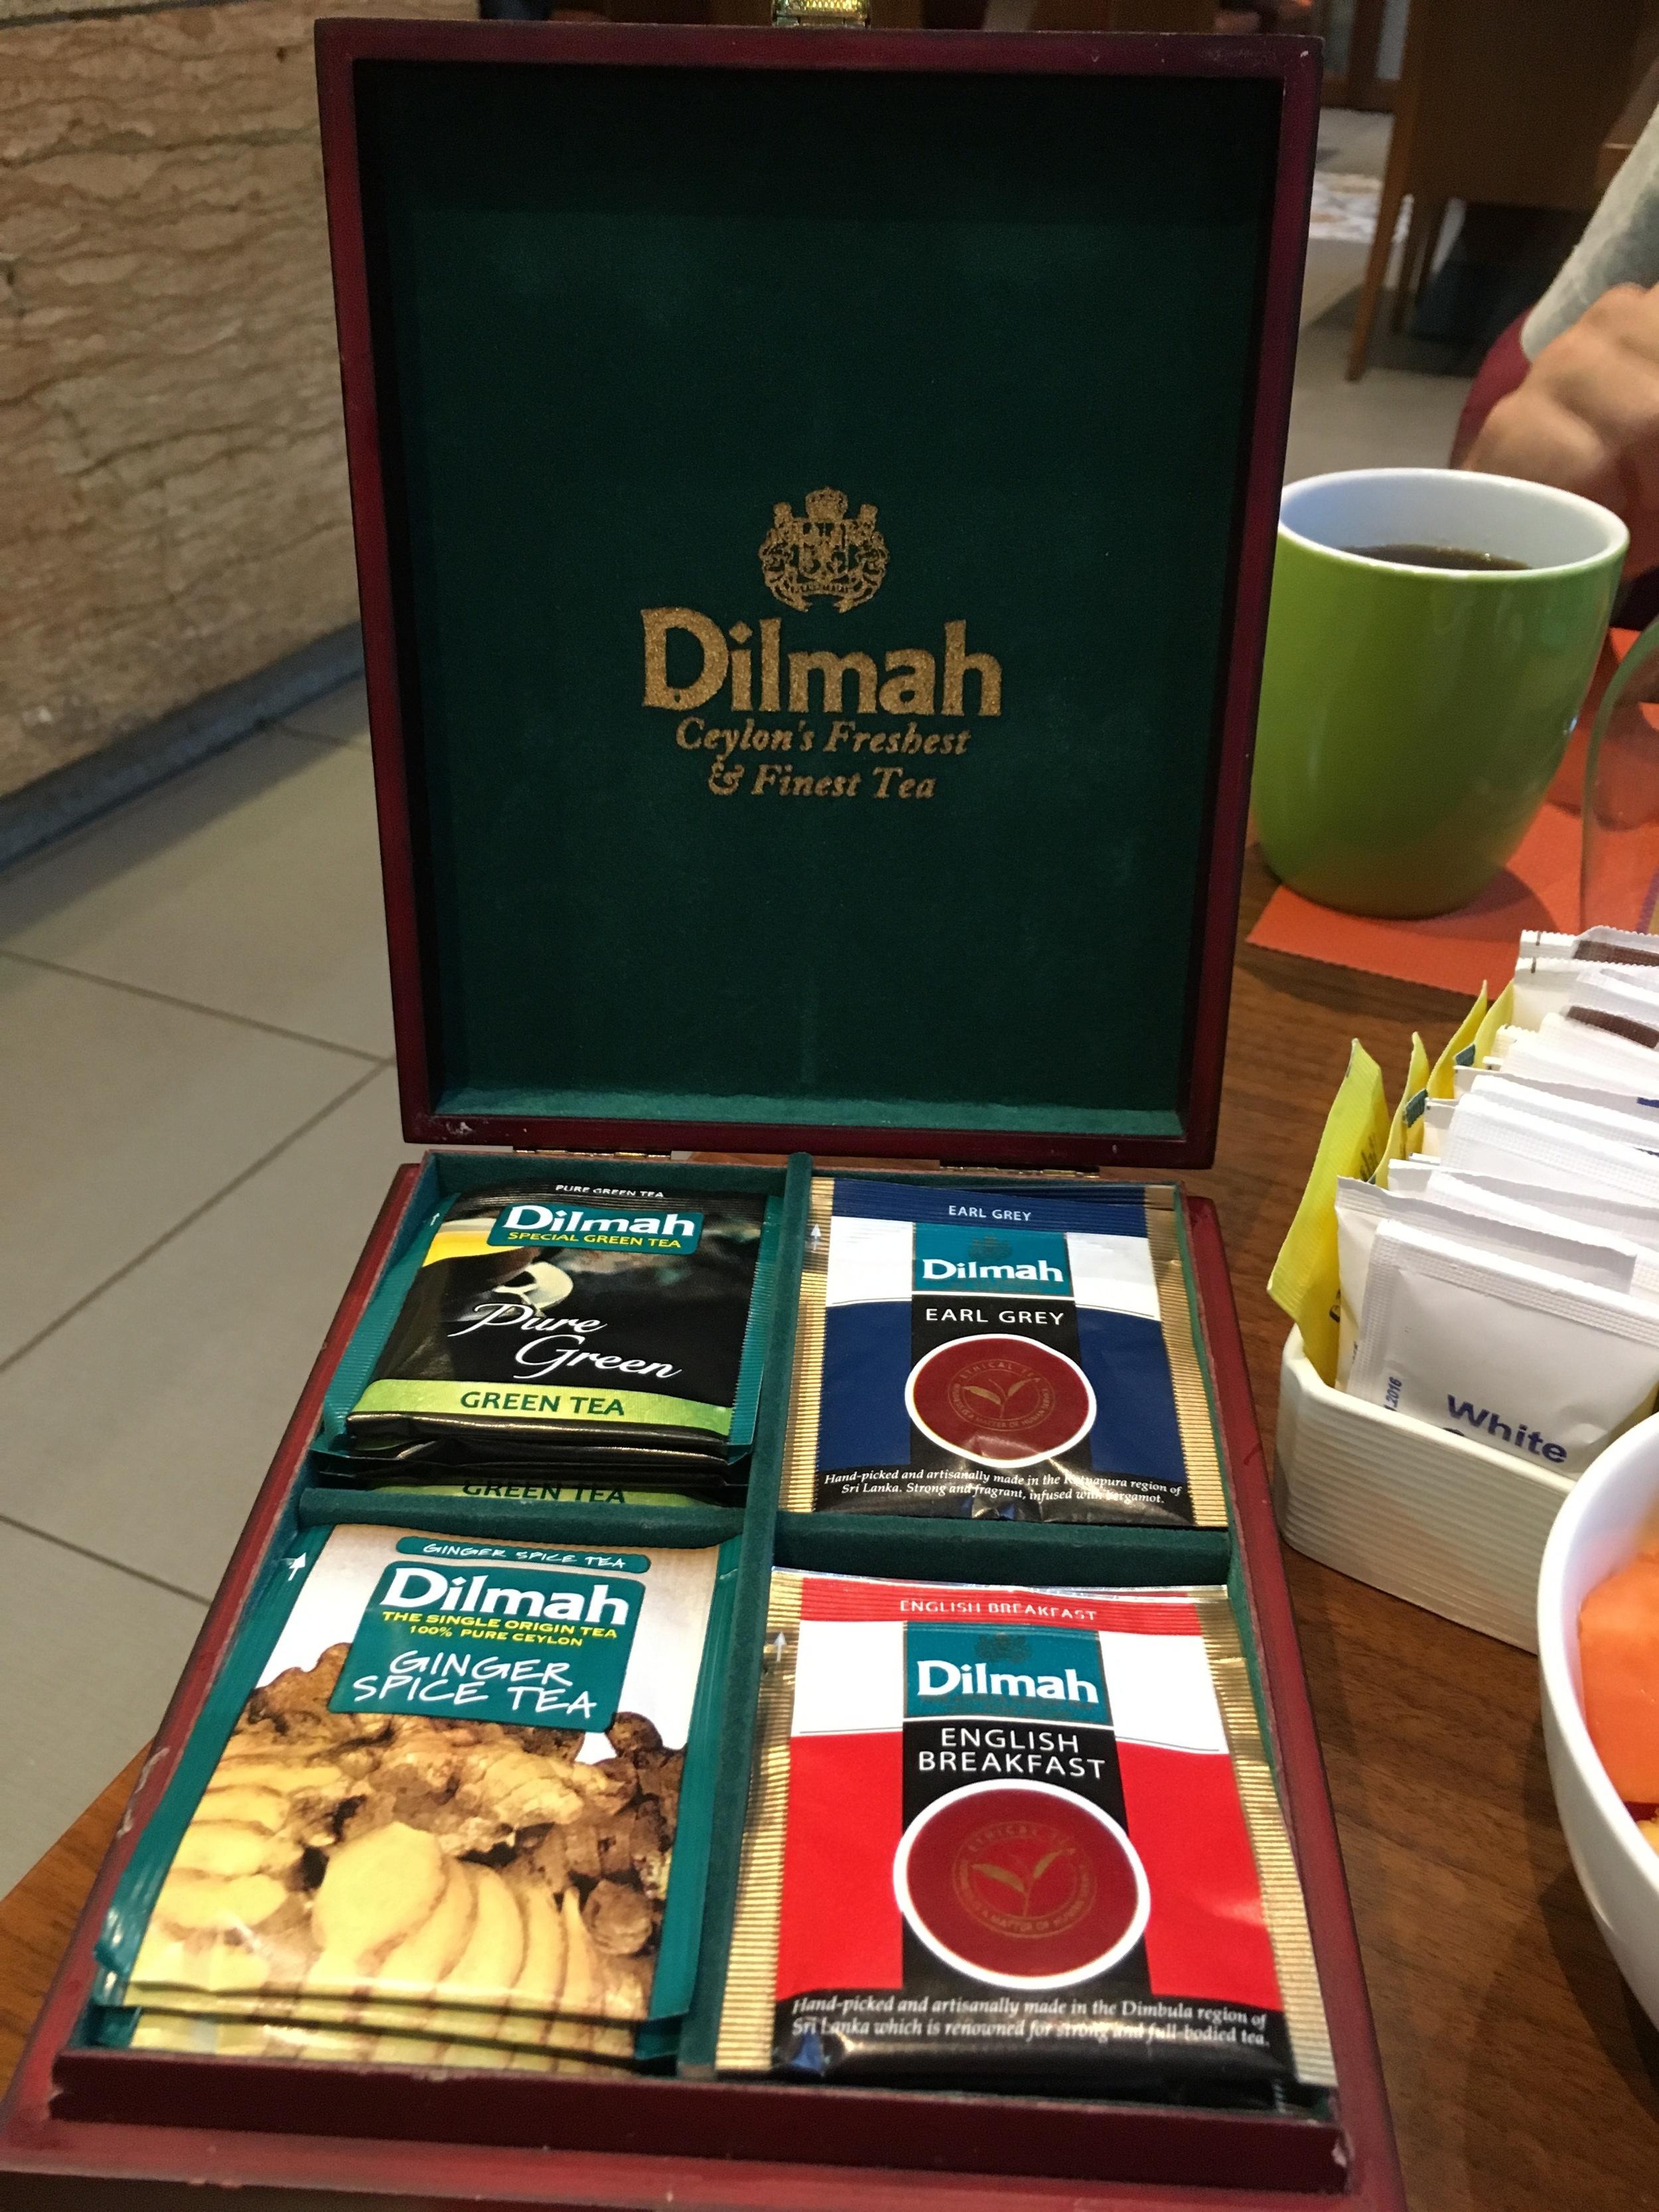 O chá é o grande destaque entre as bebidas aqui. O Sri Lanka é um dos maiores produtores de chá do mundo. Essa marca é uma das mais famosas.